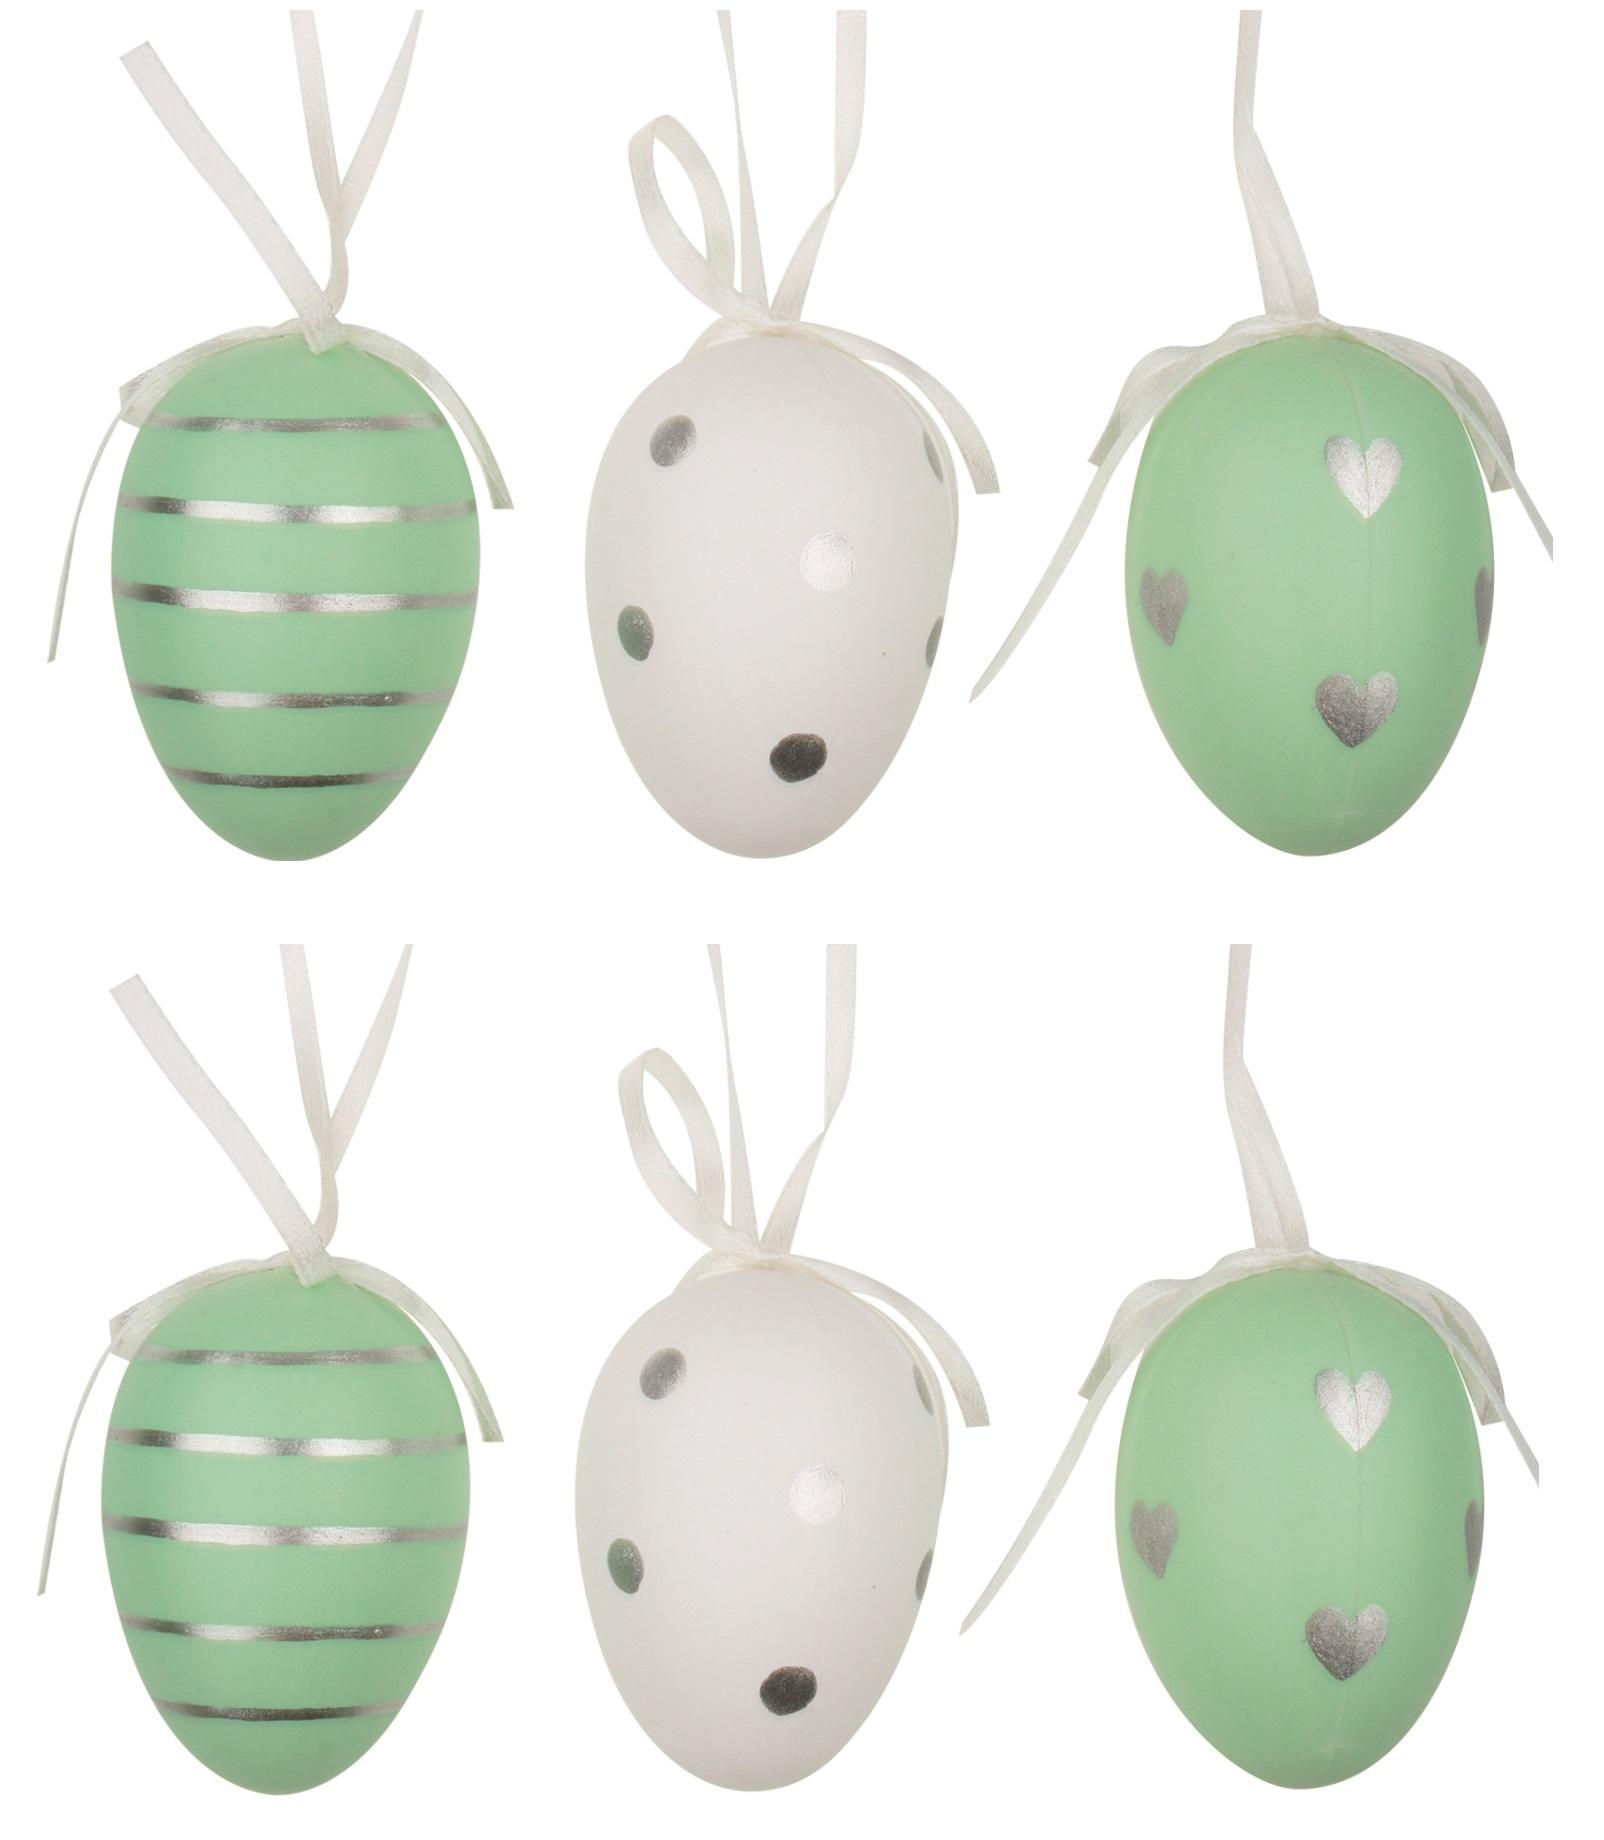 Vajíčka se stříbrnými proužky/puntíky/srdíčky na zavěšení 6 cm, 6 ks v sáčku